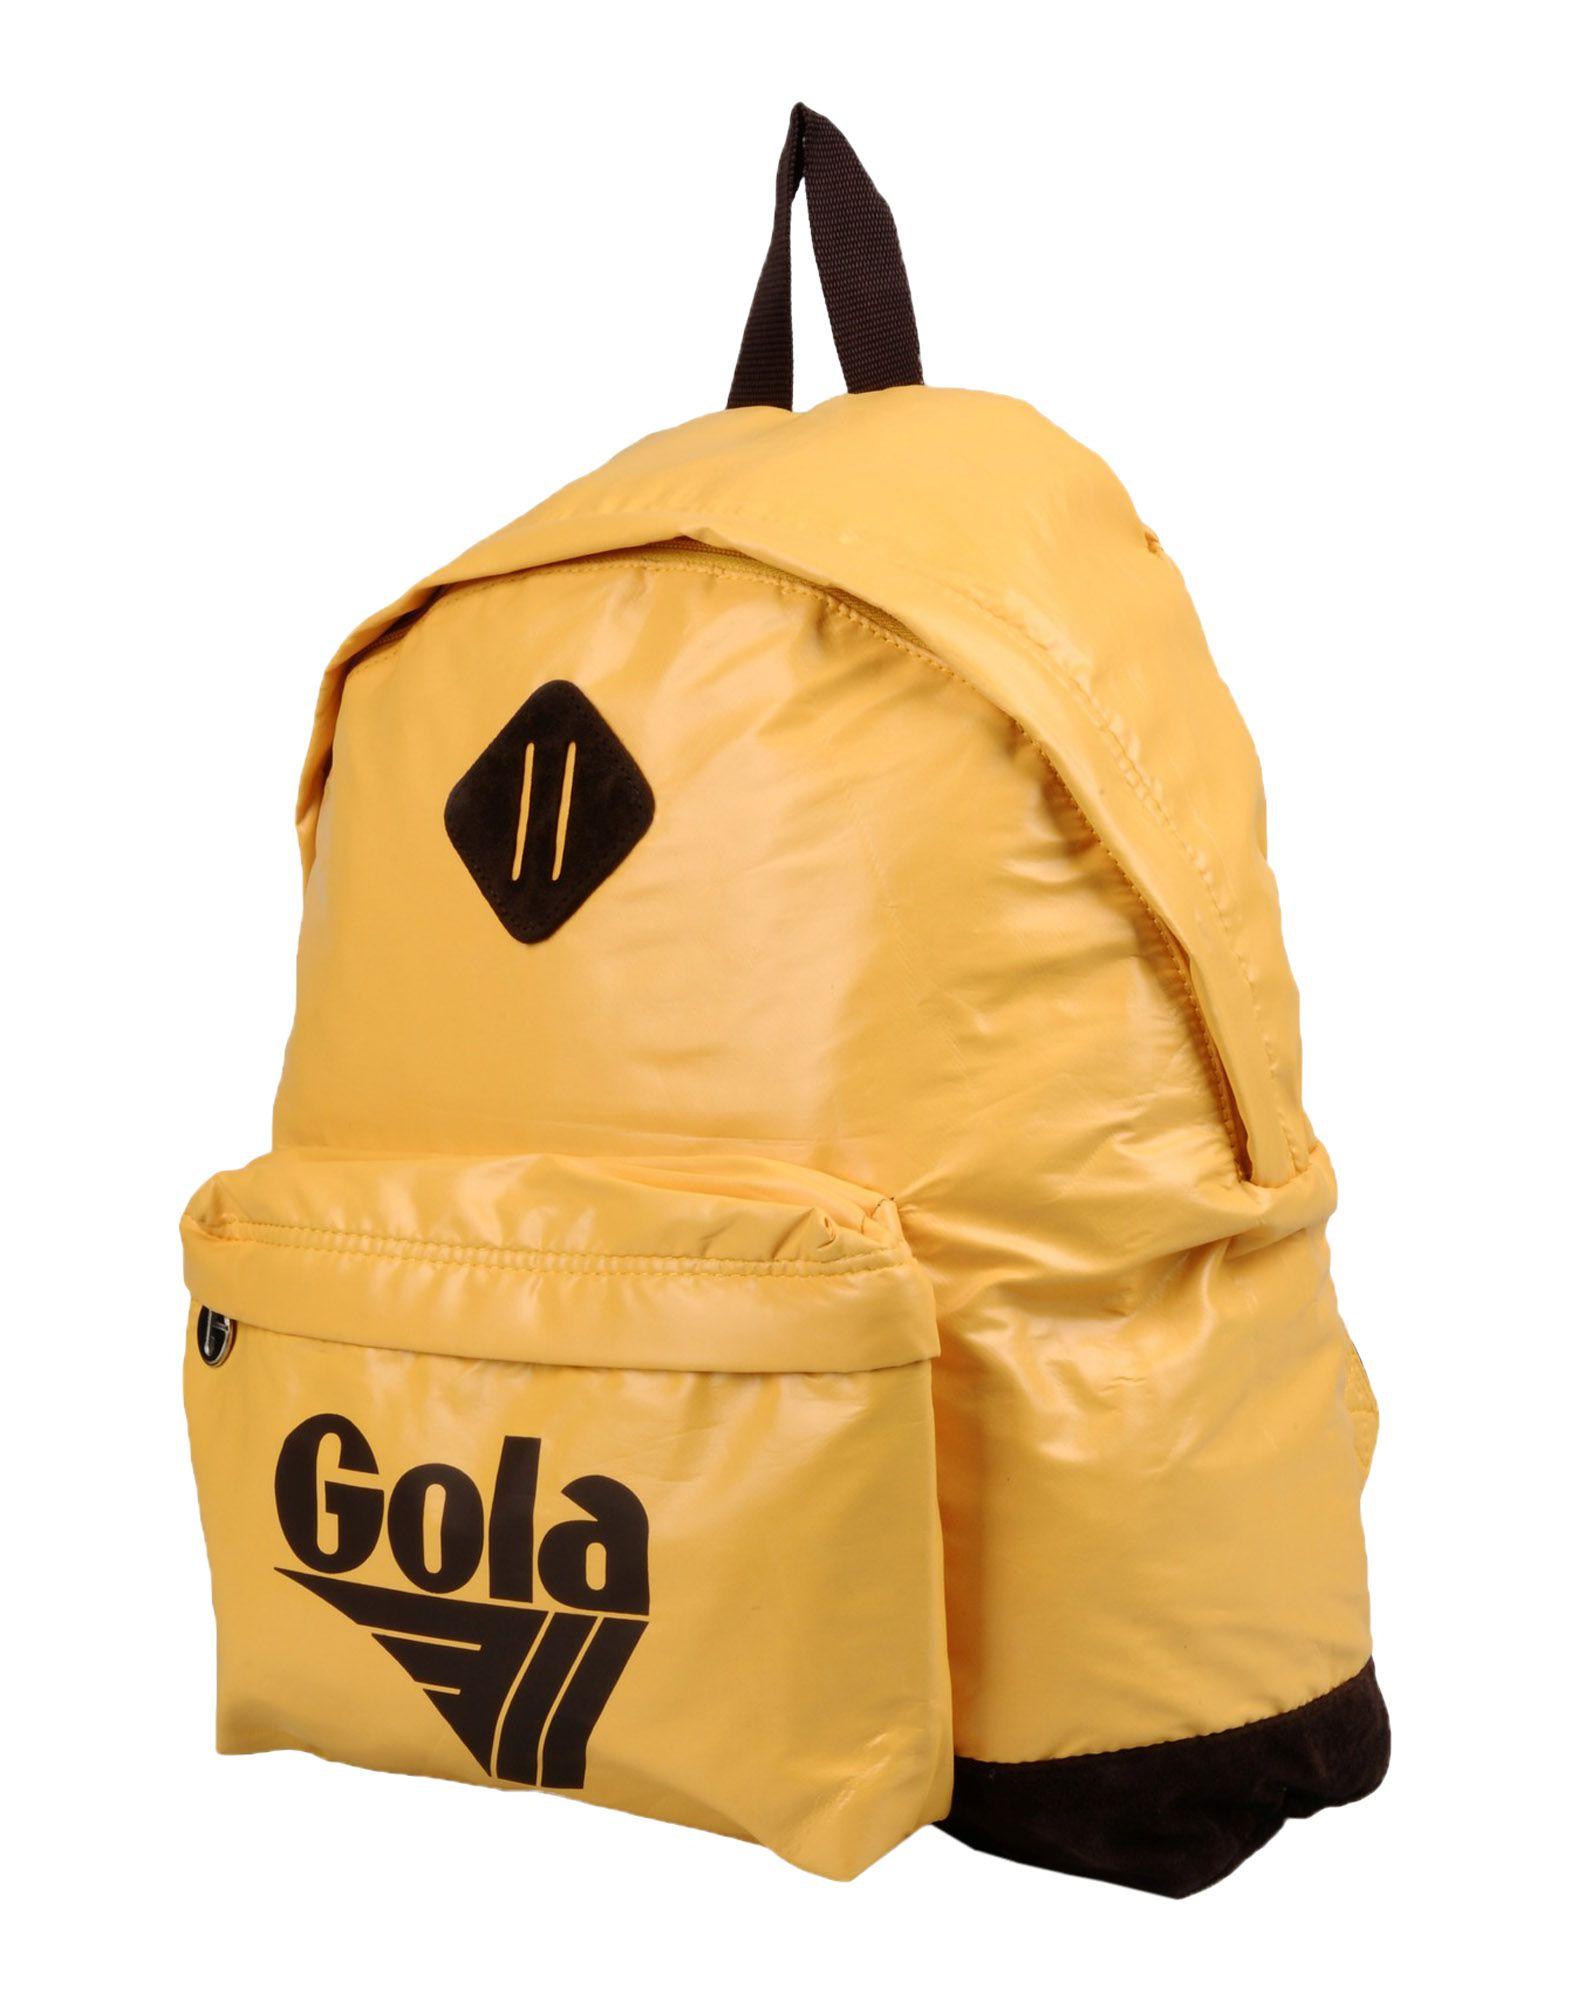 GOLA Backpacks & Fanny packs